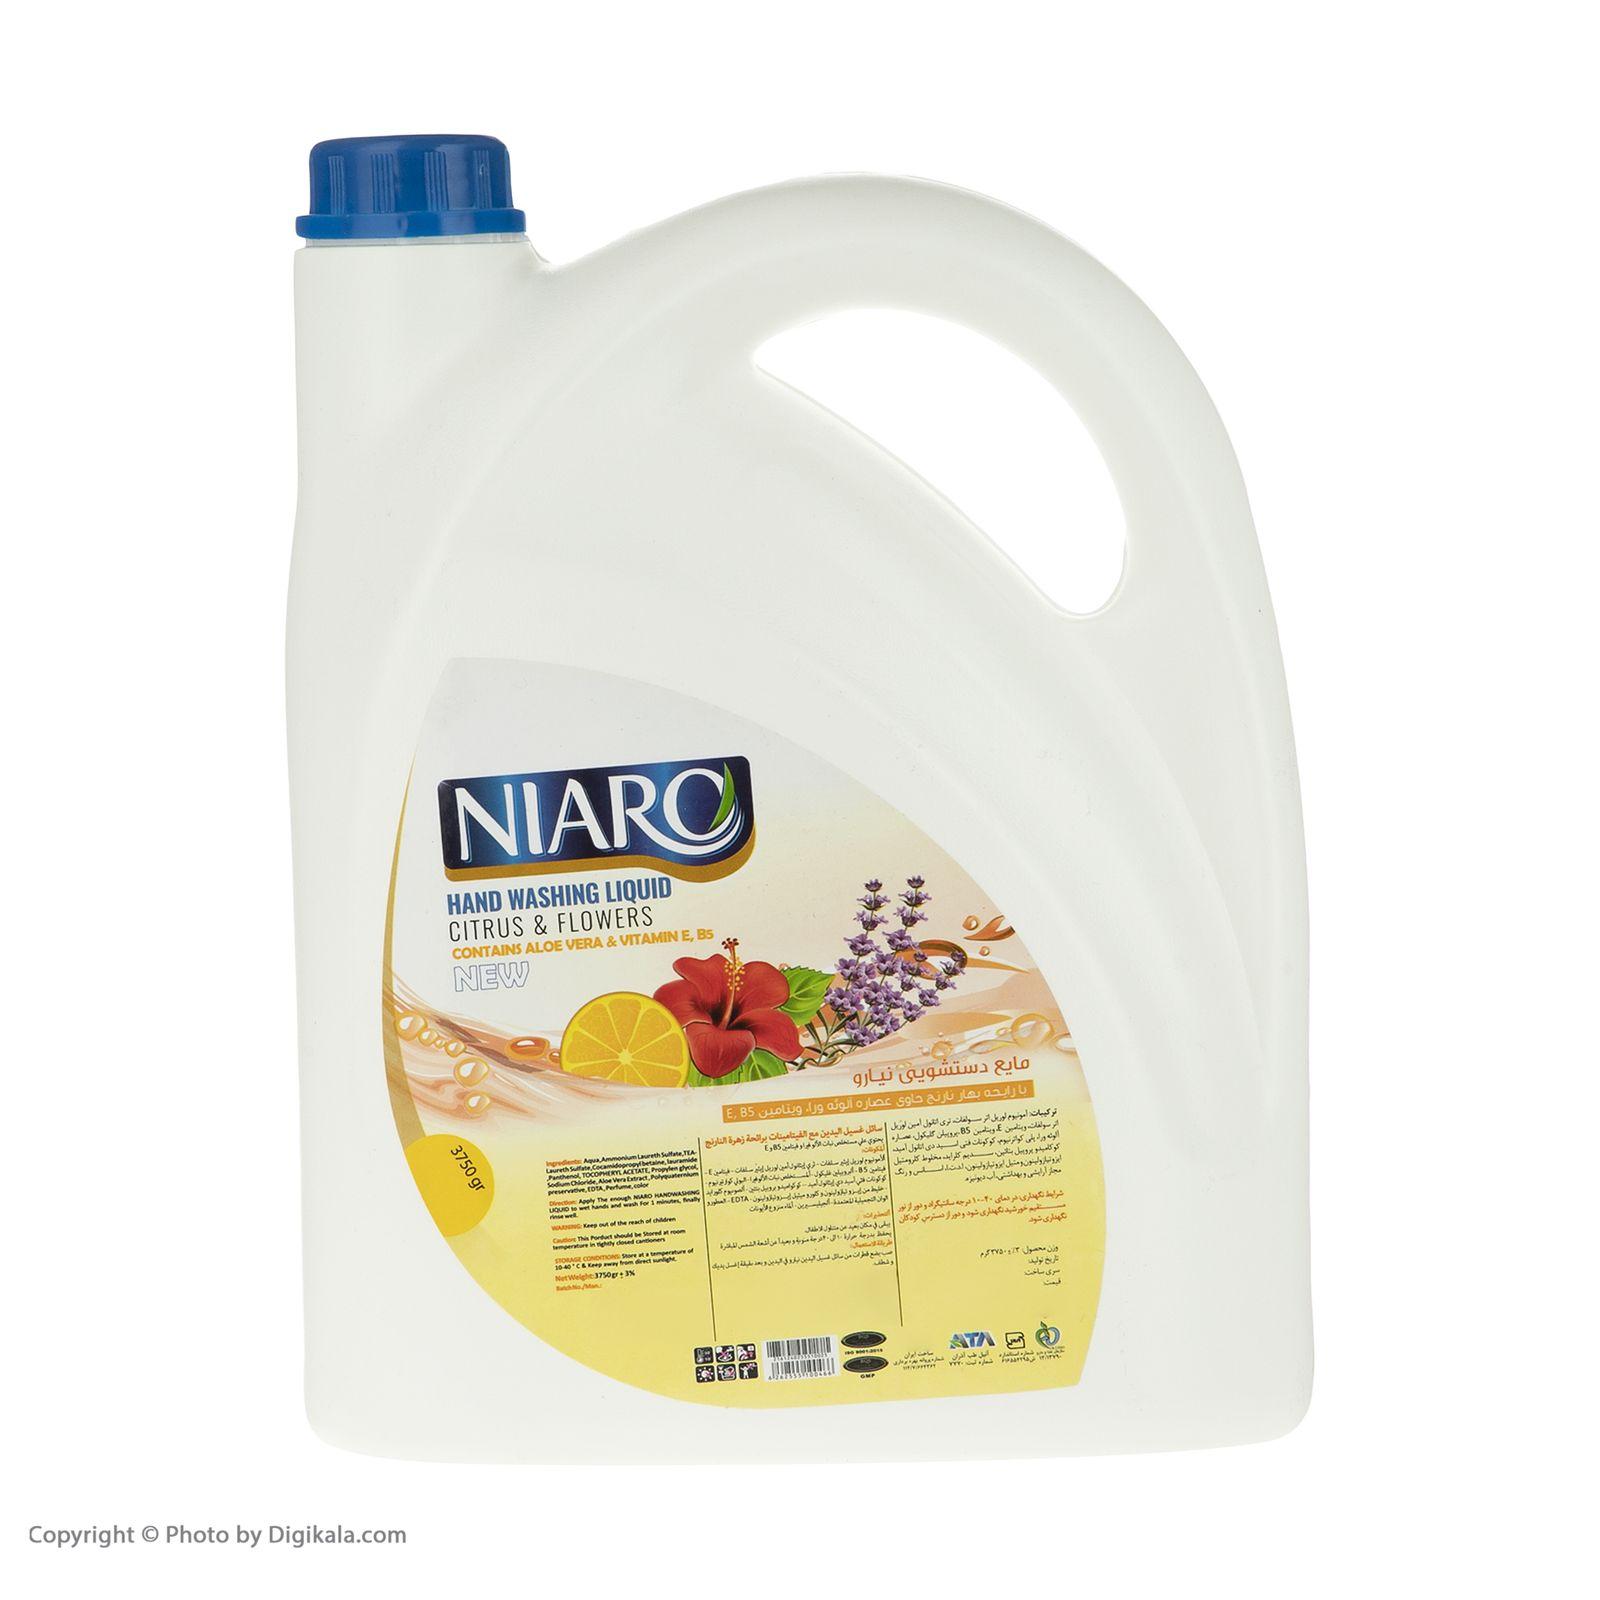 مایع دستشویی نیارو مدل Orange blossom مقدار 3.75 کیلوگرم main 1 3